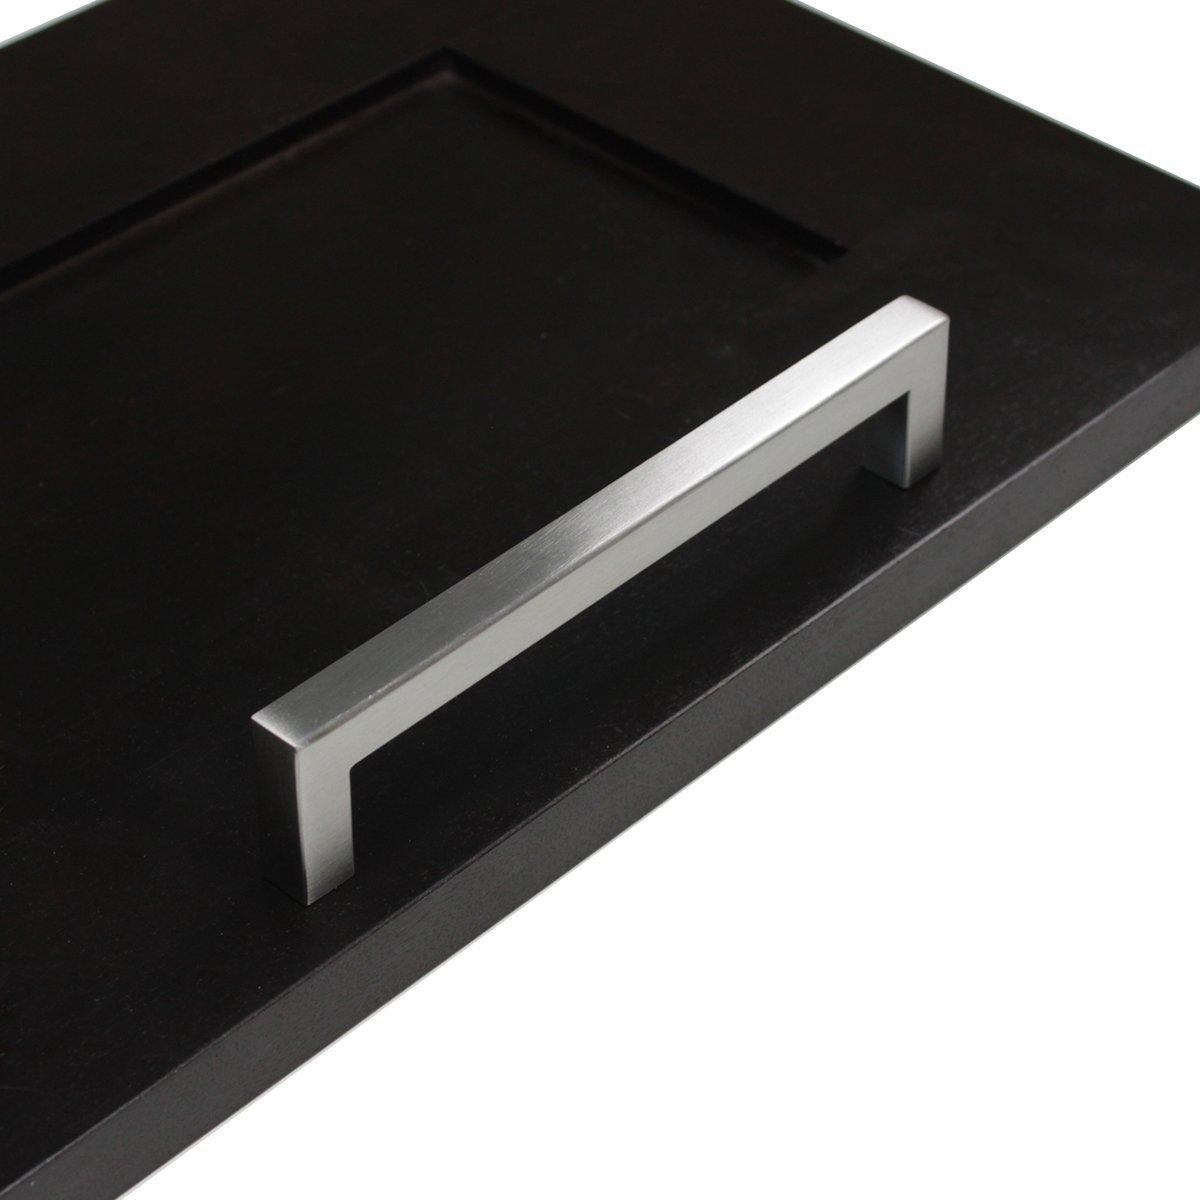 Gedotec acier inoxydable manche /à Stanga poign/ées pour portes poign/ées cuisine poign/ées brisevent dangle mat profil 14/x 14/mm Hauteur 35/mm bA 96/ /736/mm qualit/é du label pour s/&eacu